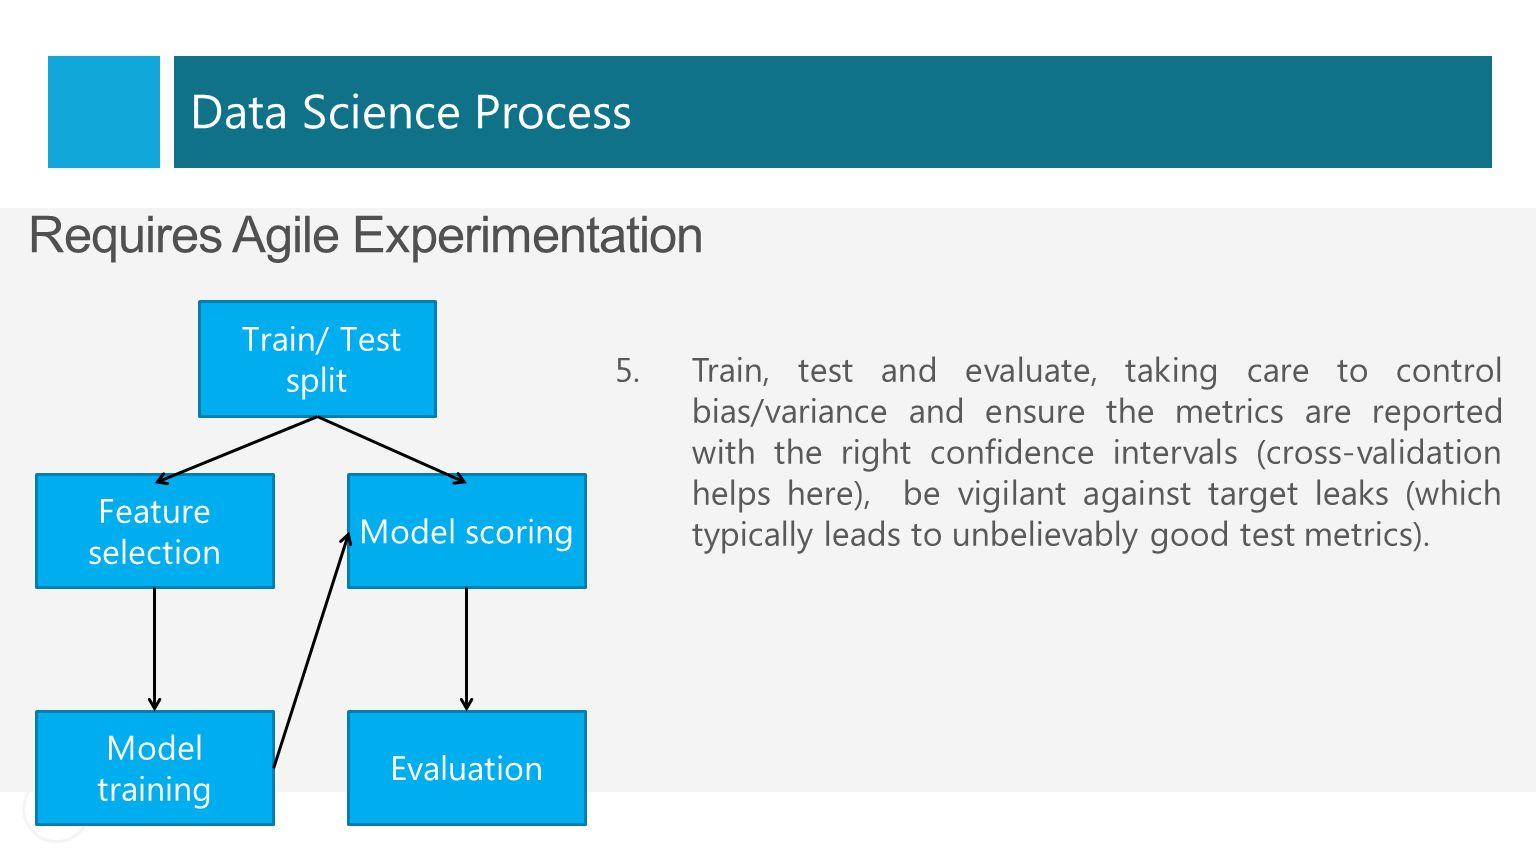 Requires Agile Experimentation